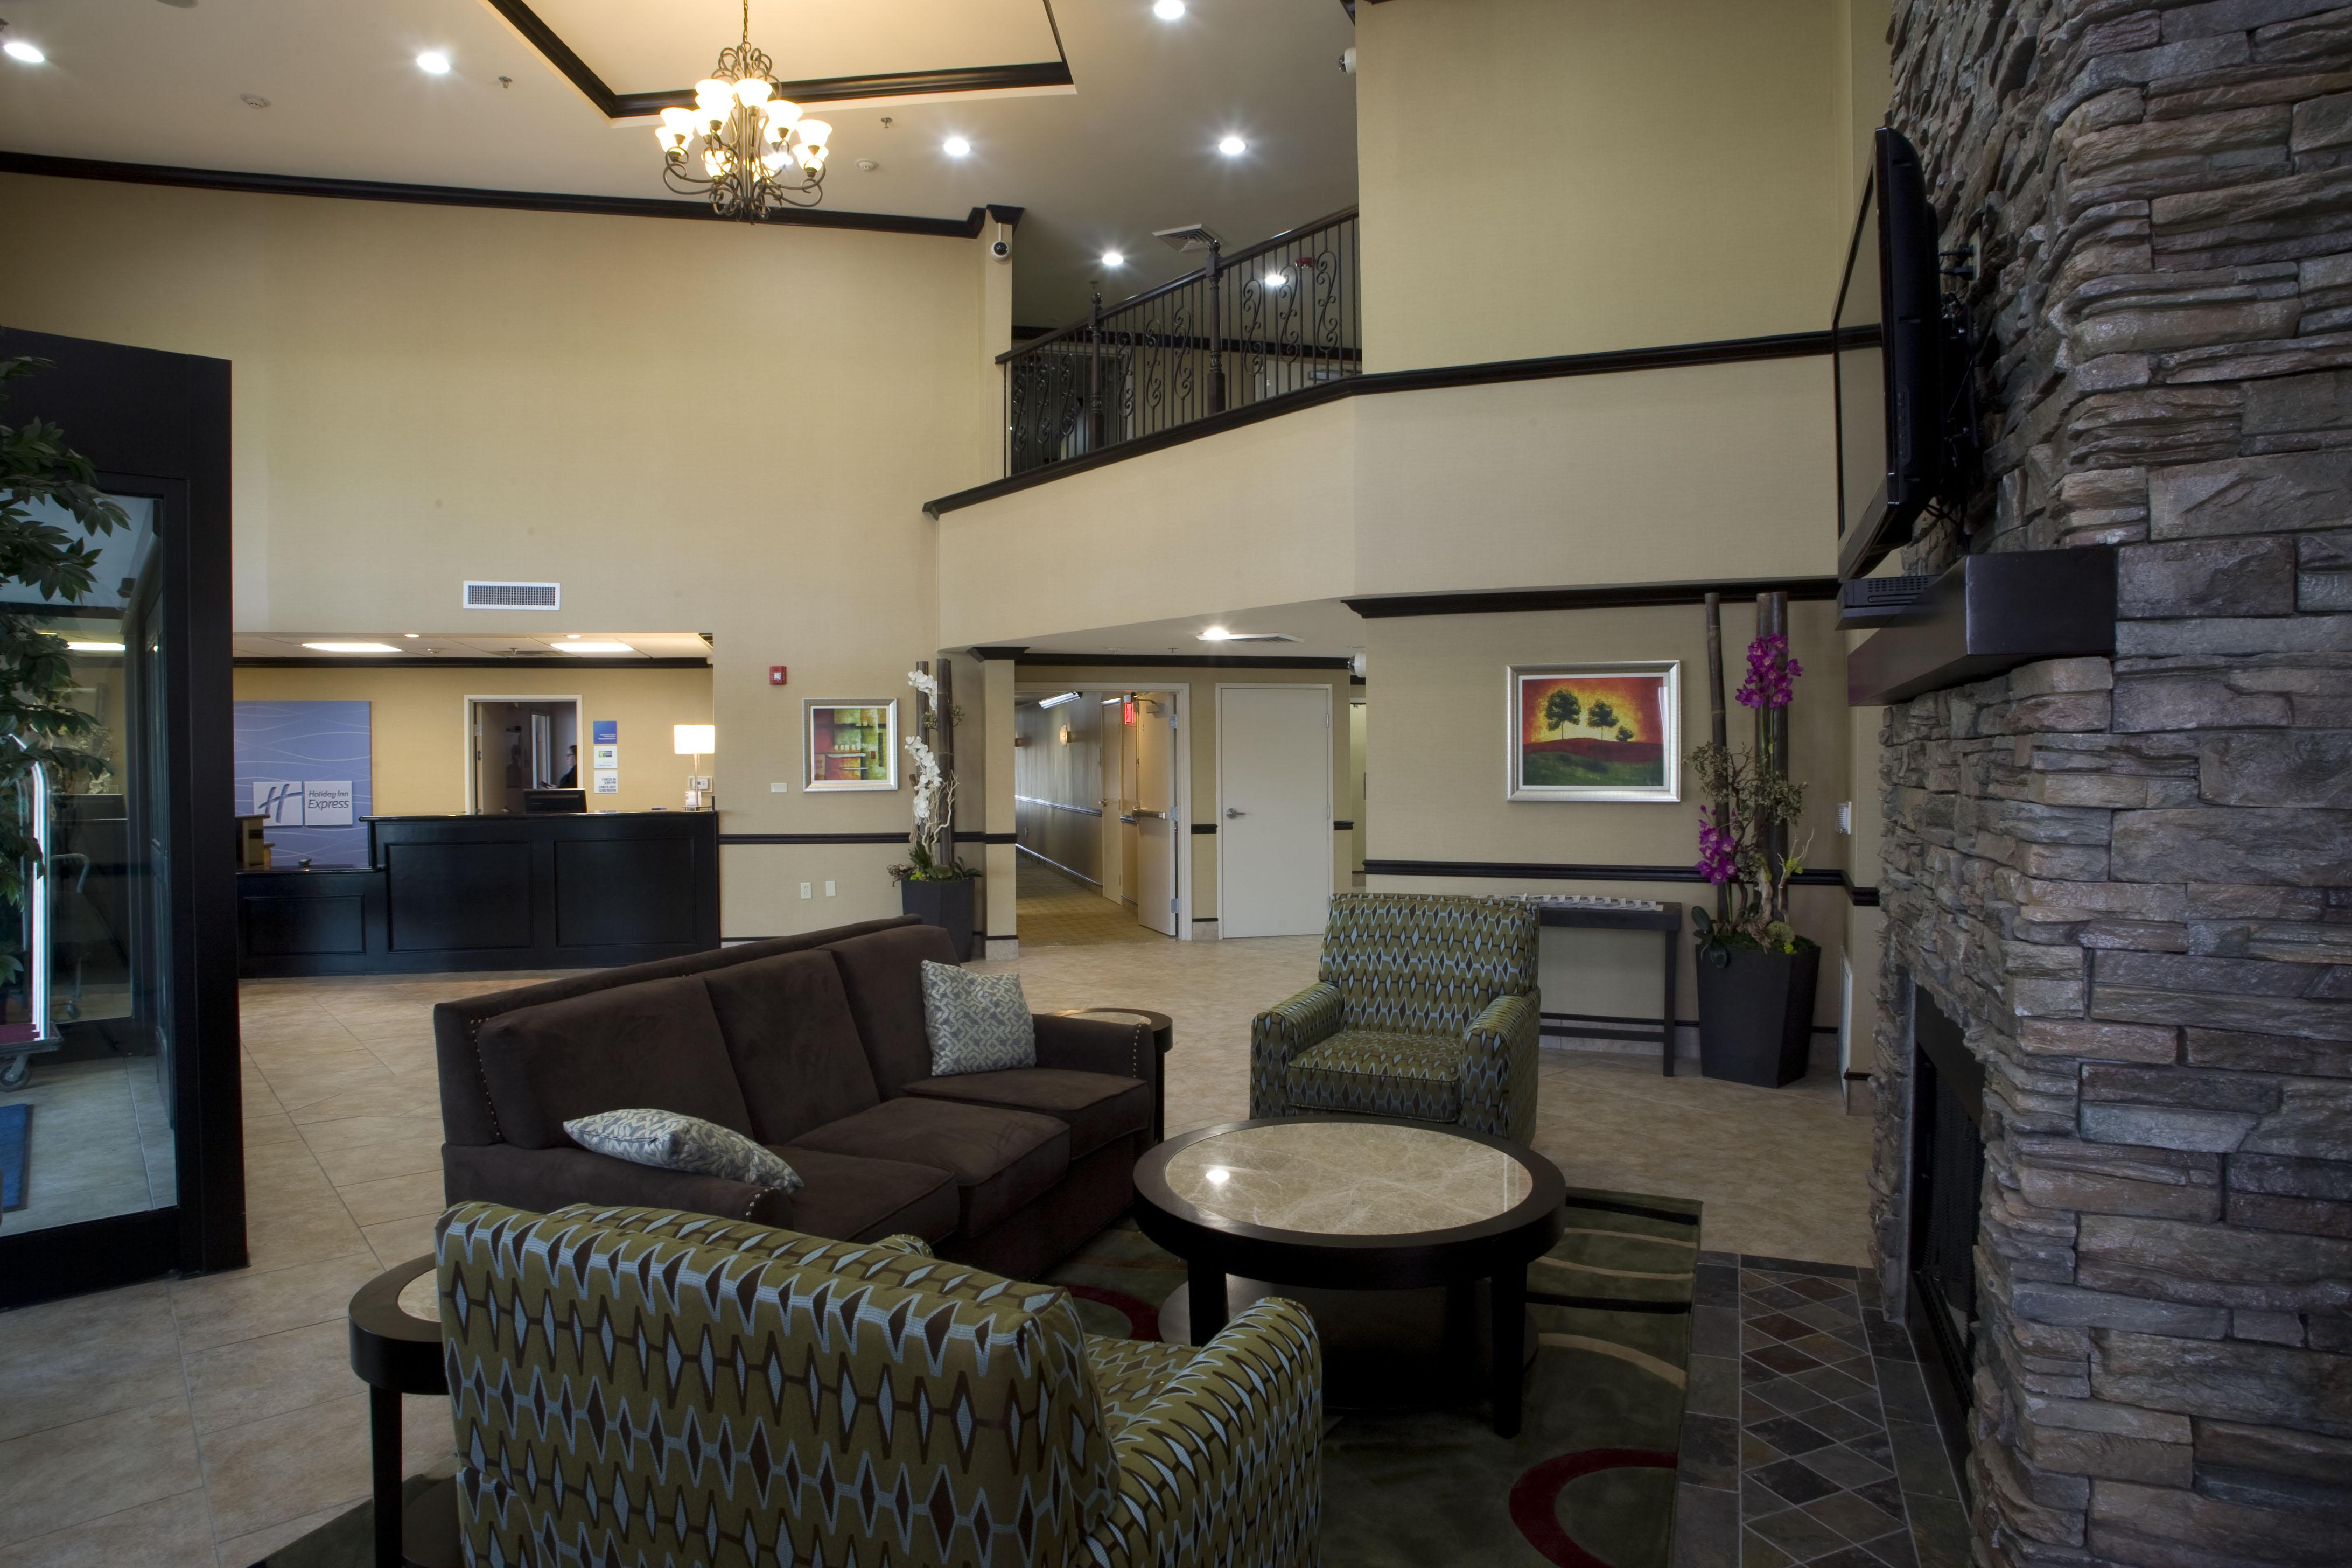 CH Holiday Inn Lobby